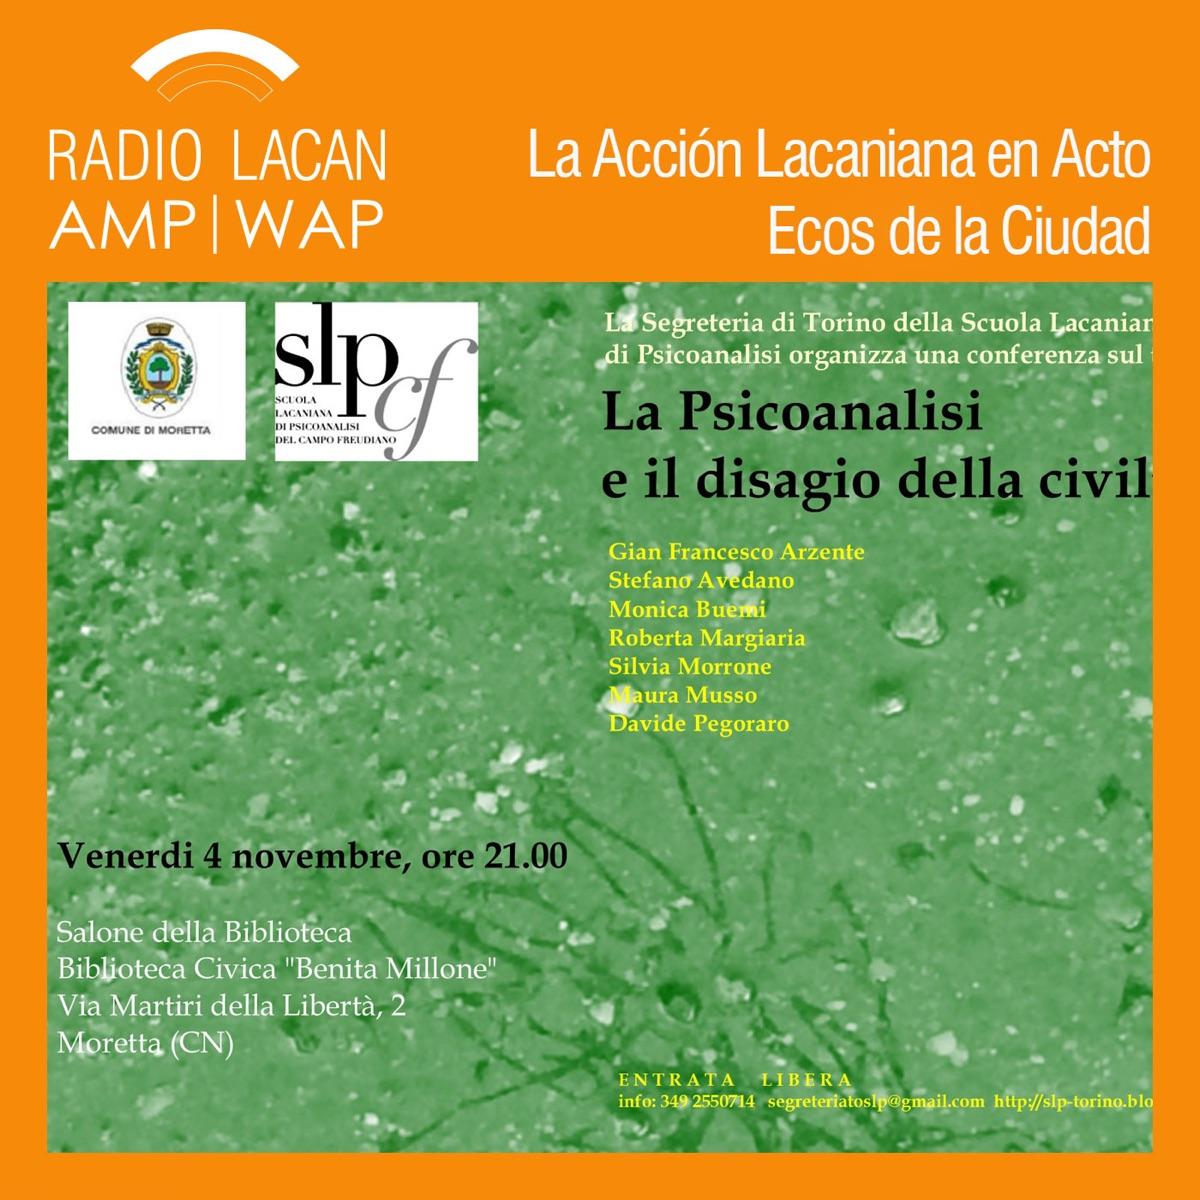 RadioLacan.com | Ecos de Turín: La psicoanalisi e il disagio della civiltà (El psicoanálisis y el malestar en la cultura) Charla en Moretta